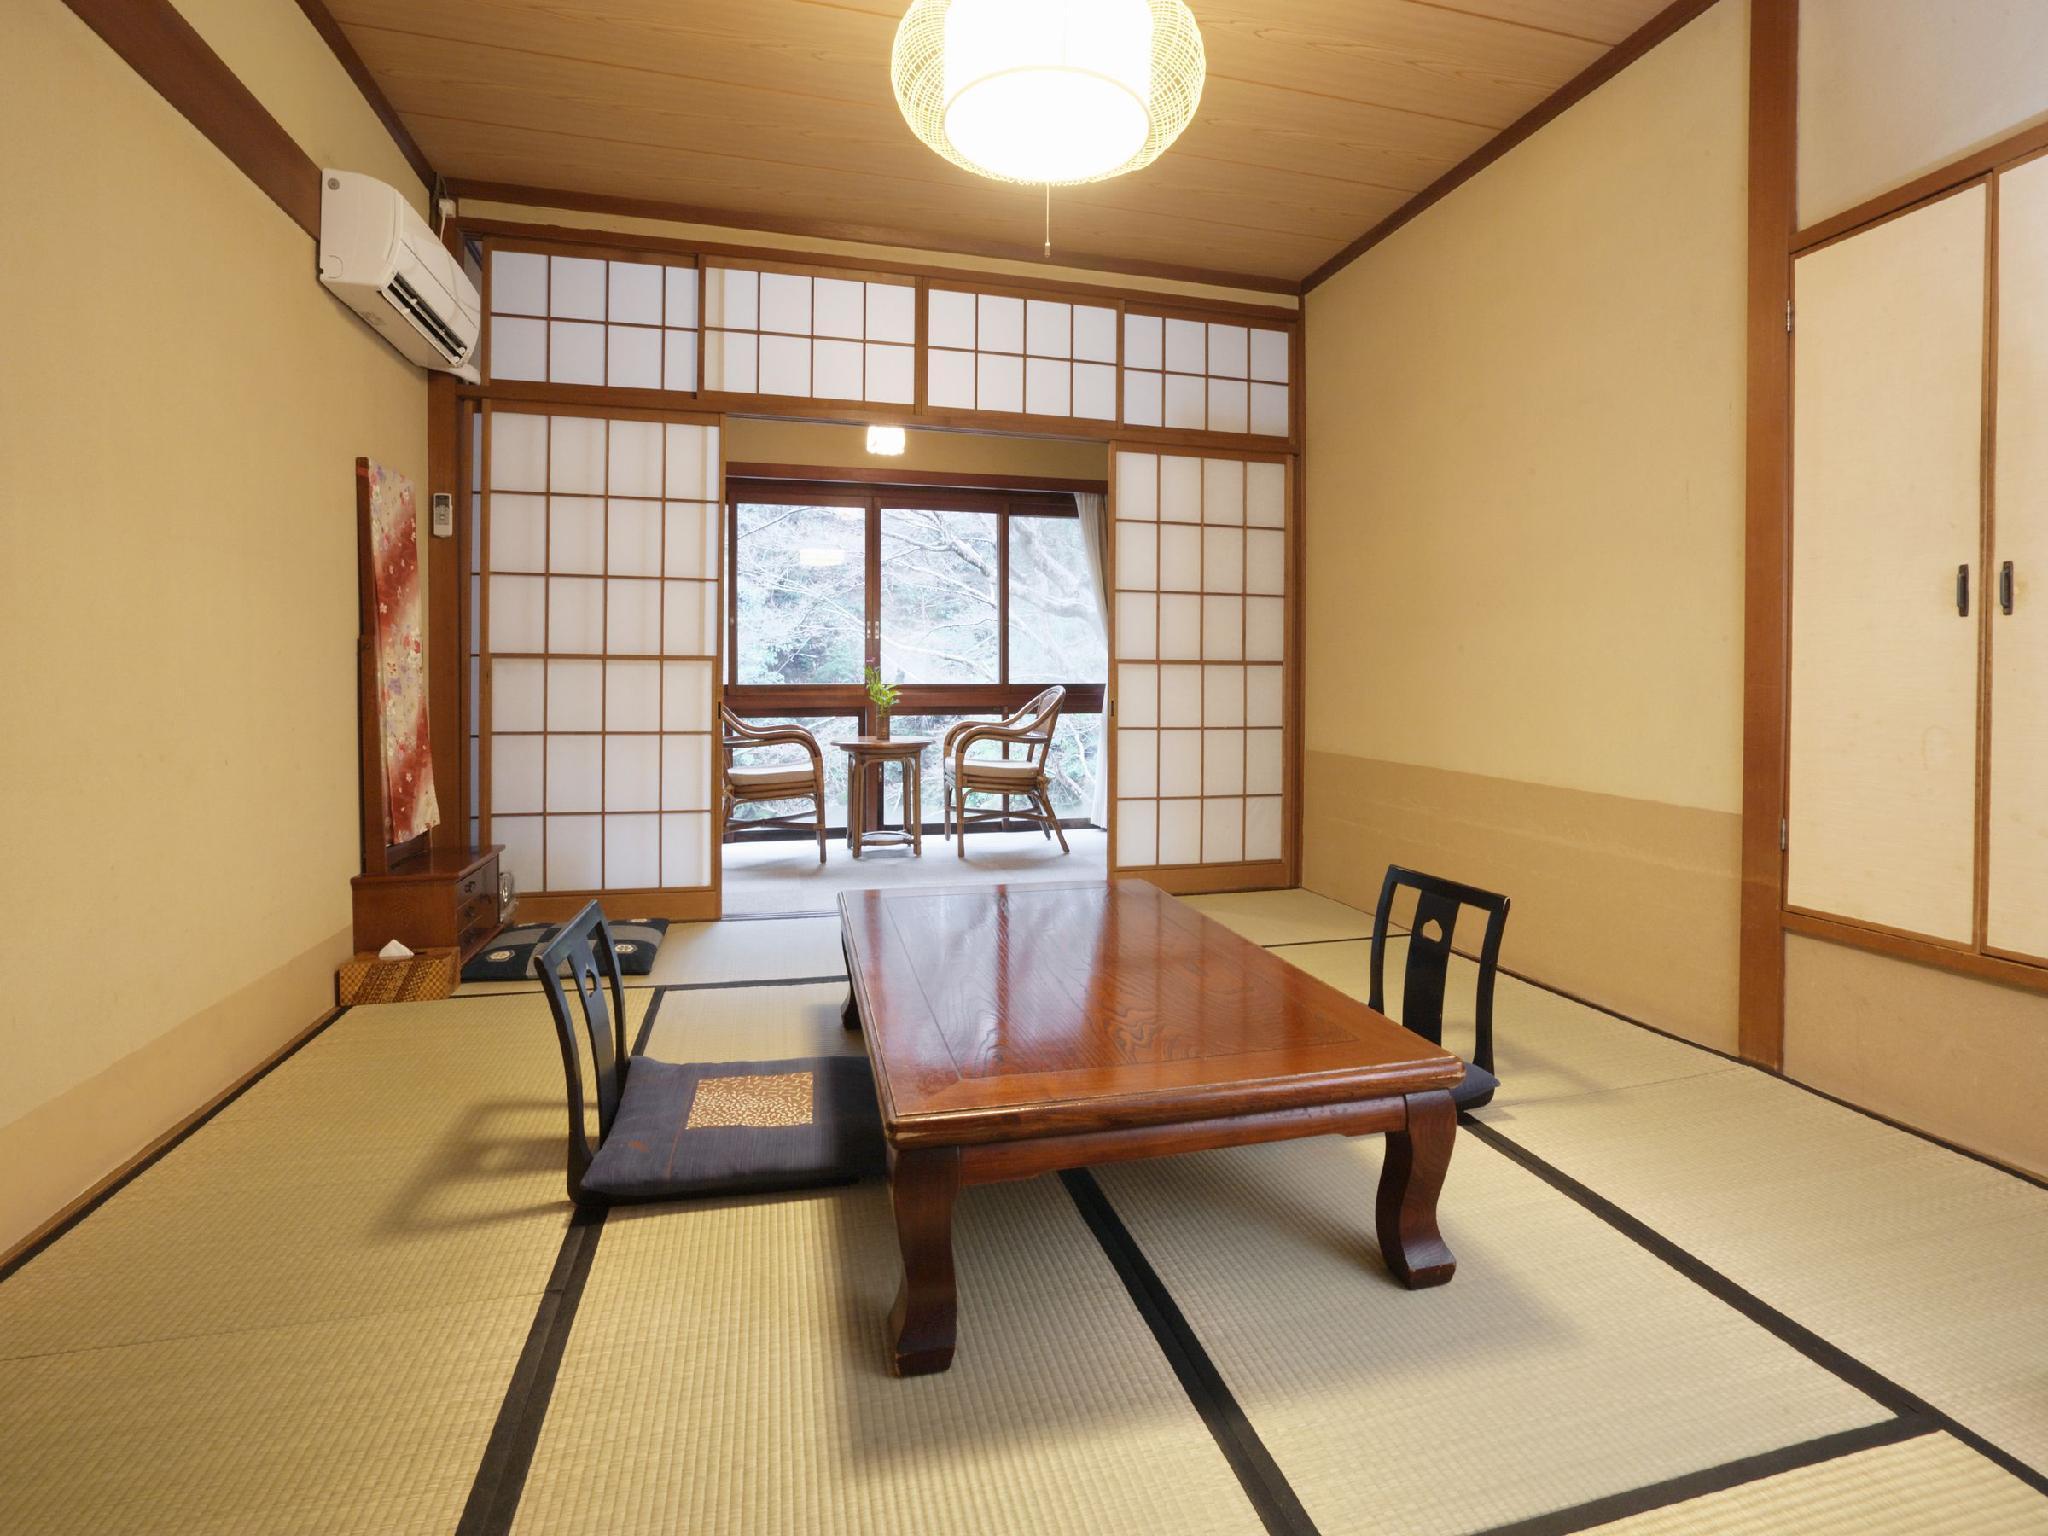 Vasca Da Bagno Stile Giapponese : Vasca da bagno giapponese trendy vasca per neonati per bambini